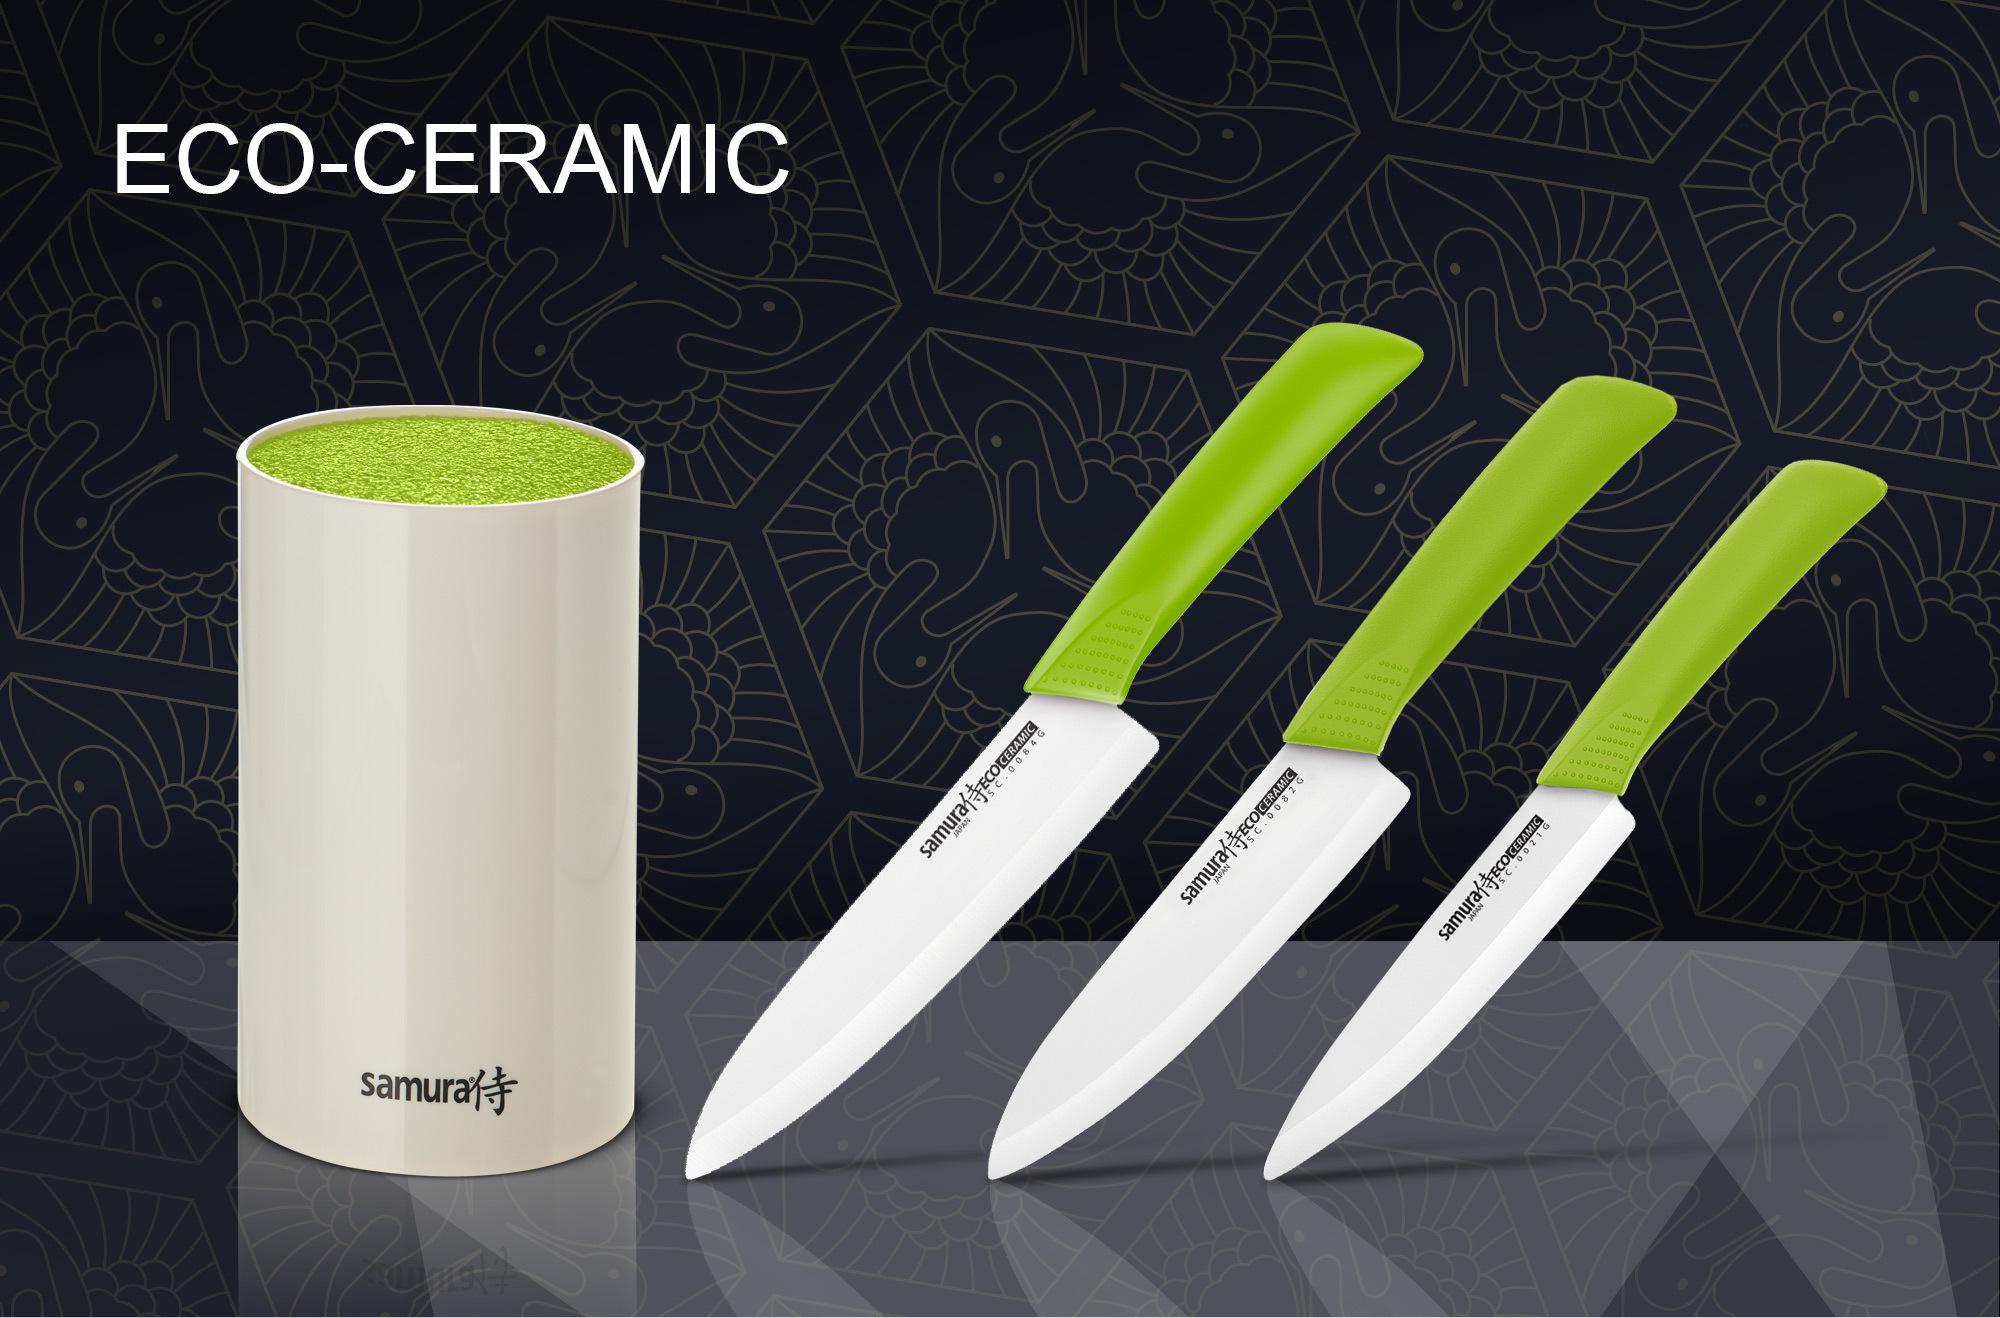 Преимущества керамических ножей